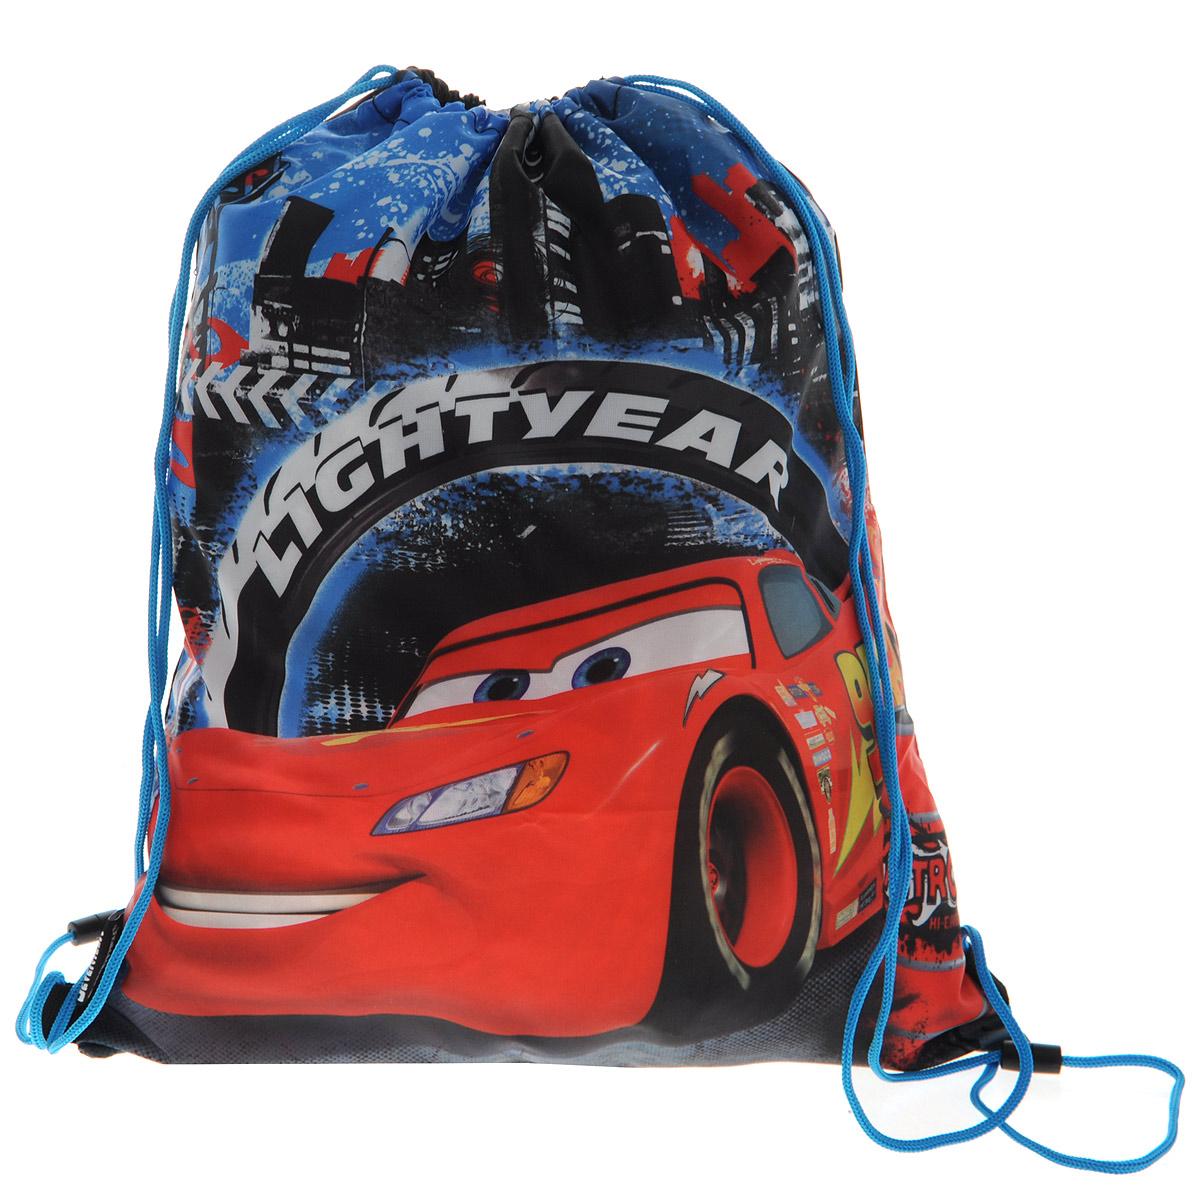 Cars Сумка-рюкзак для обуви цвет голубой красный CRCB-MT1-883 -  Ранцы и рюкзаки